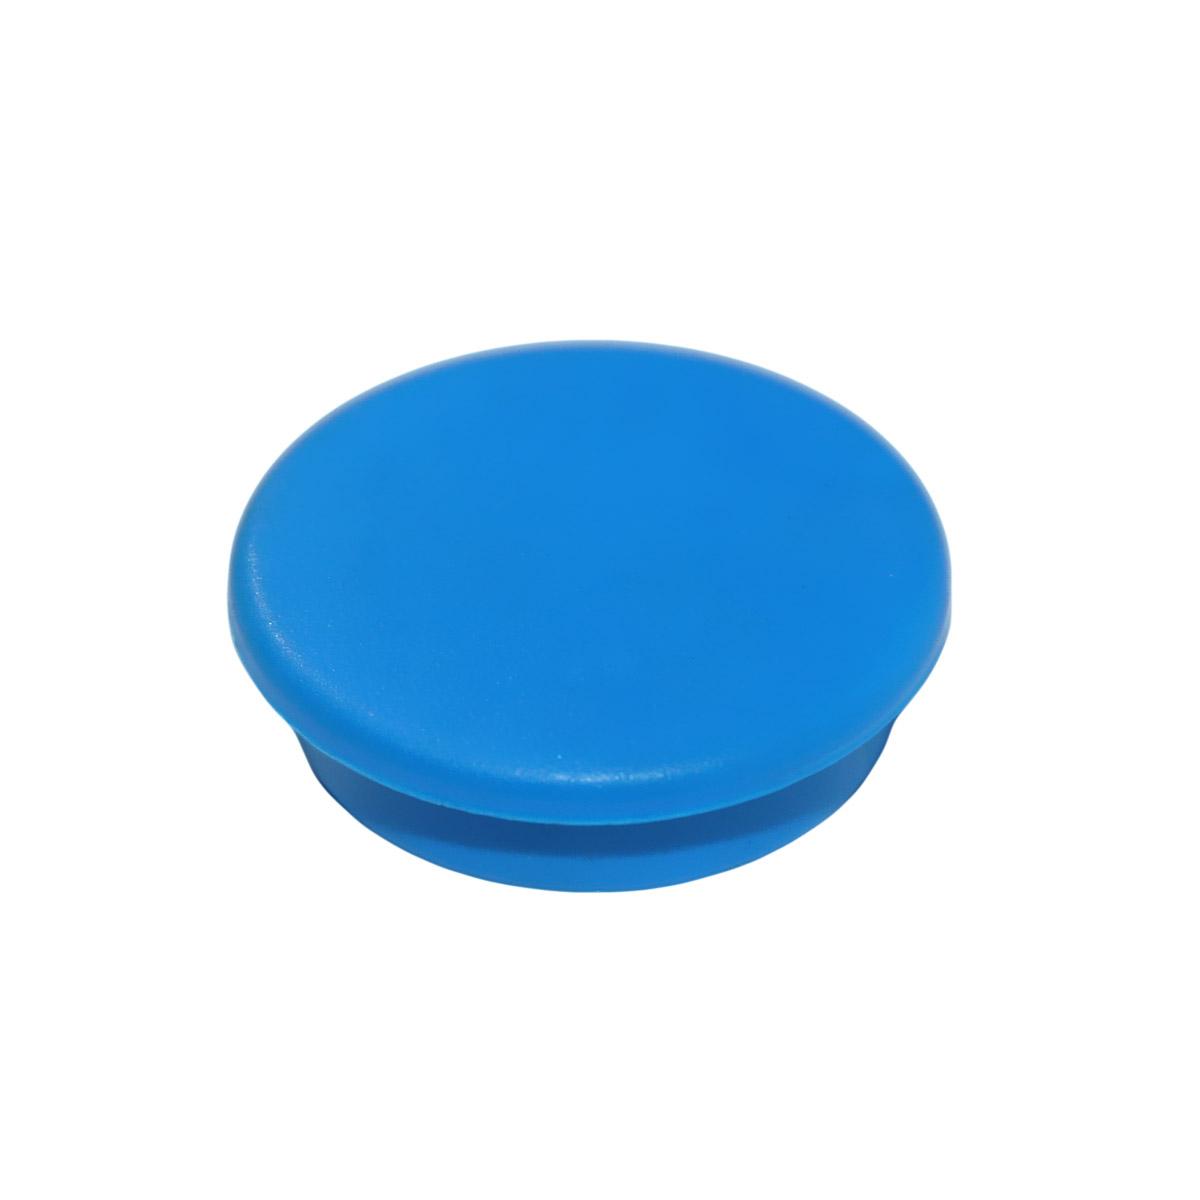 Okrągłe magnesy neodymowe - niebieskie